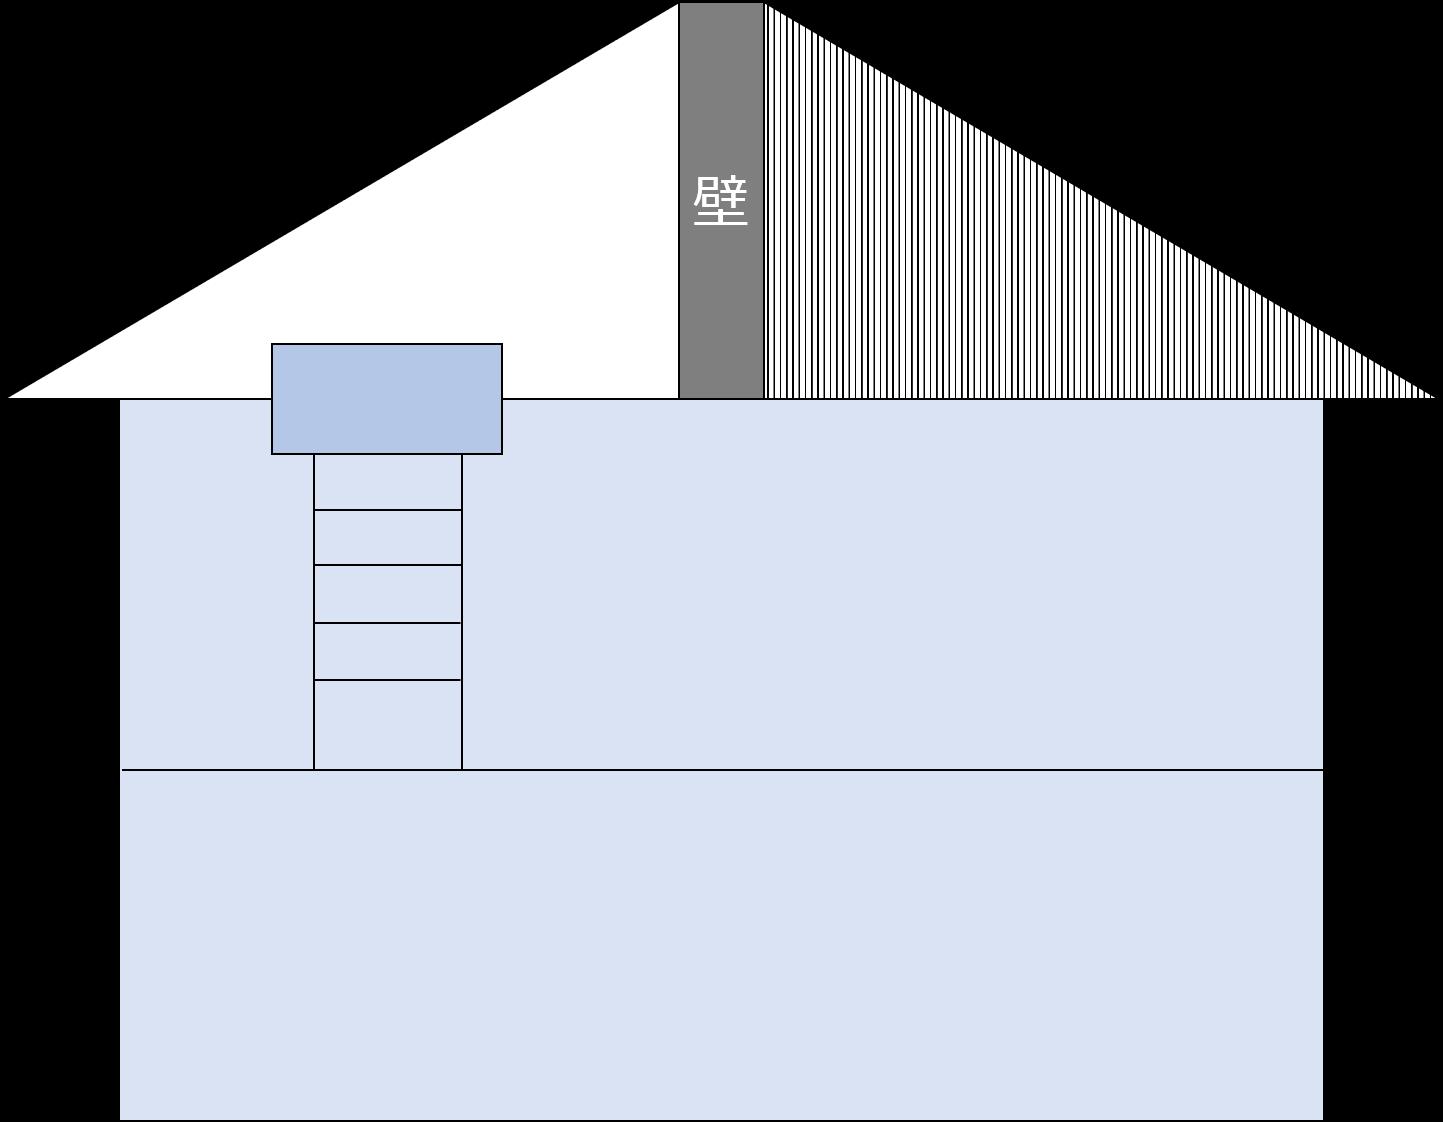 増し床工事で既存の屋根裏空間を広げる場合の費用詳細